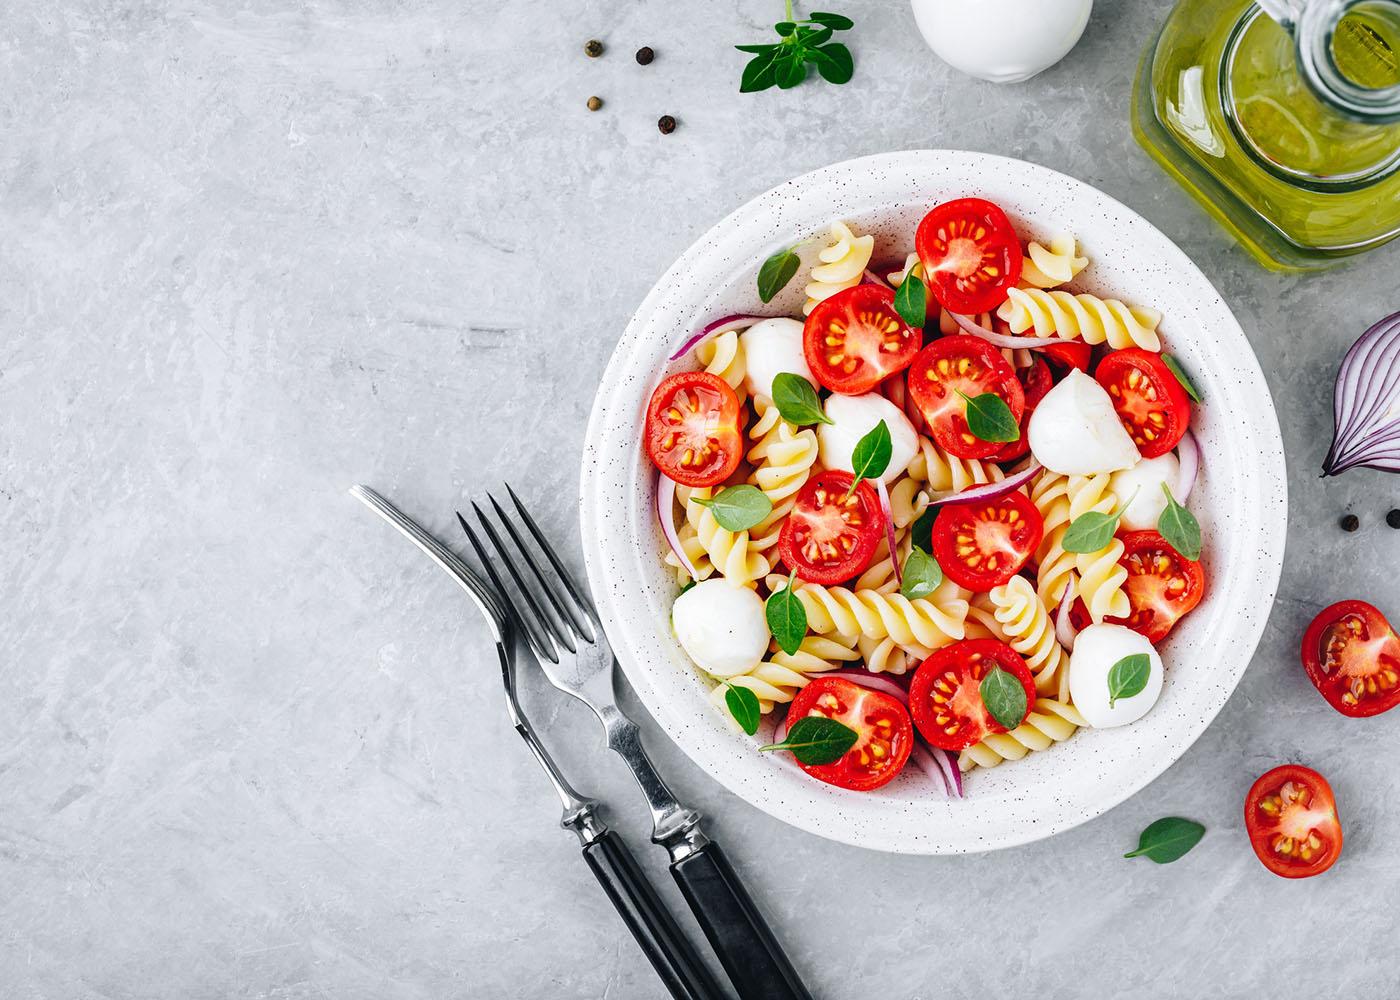 Salada de massa, tomate e mozzarella fresco no prato em fundo cinza